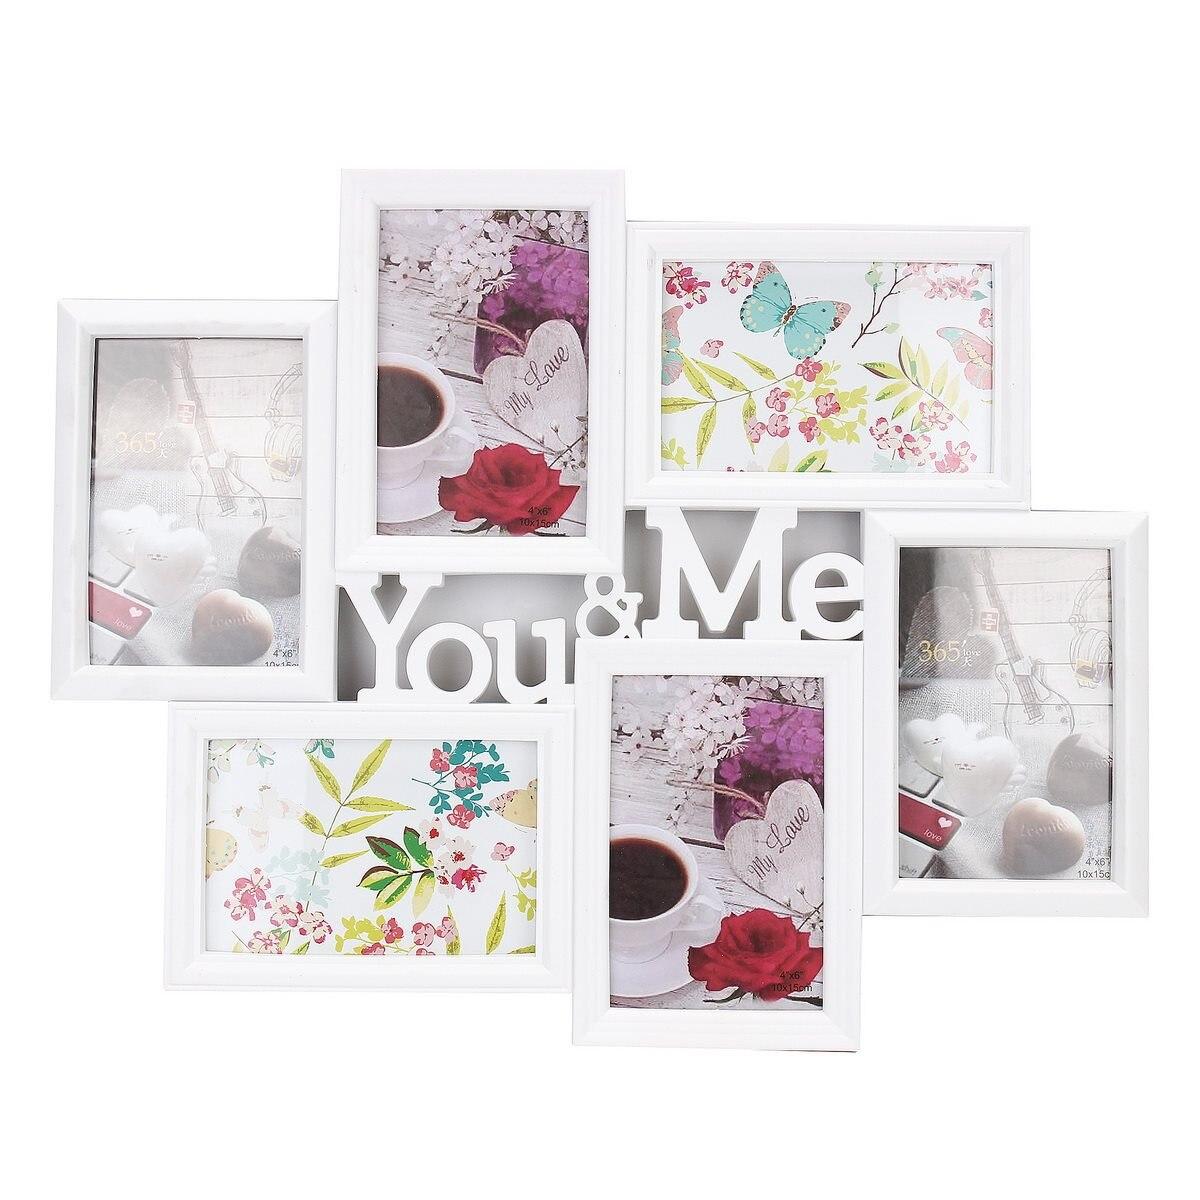 Sie & Me Bilder 6 Bilder Display Blende Foto Frame Wand dekor ...